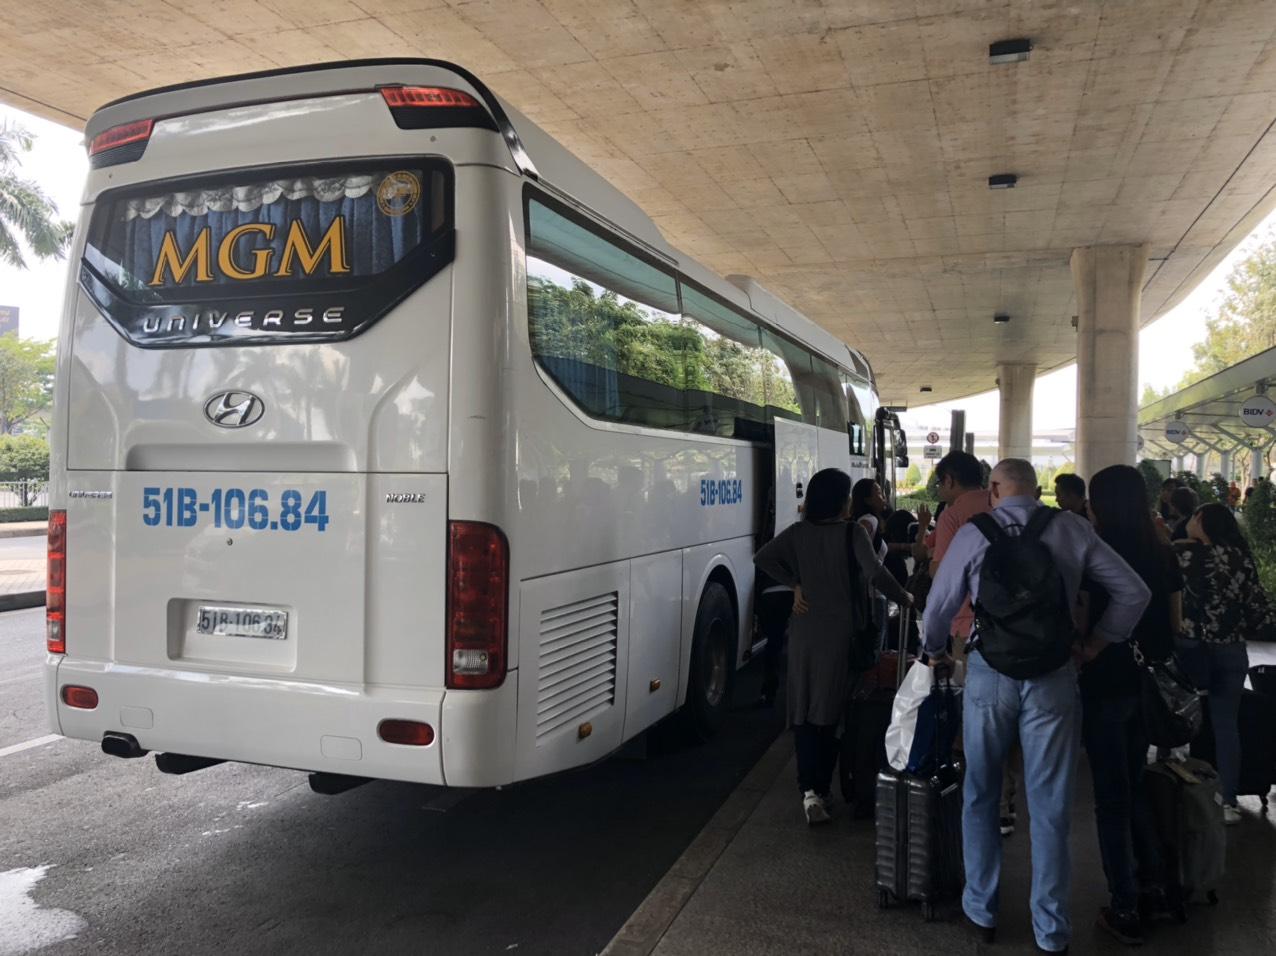 Xe MGM phục vụ đông đảo du khách trong nước và quốc tế